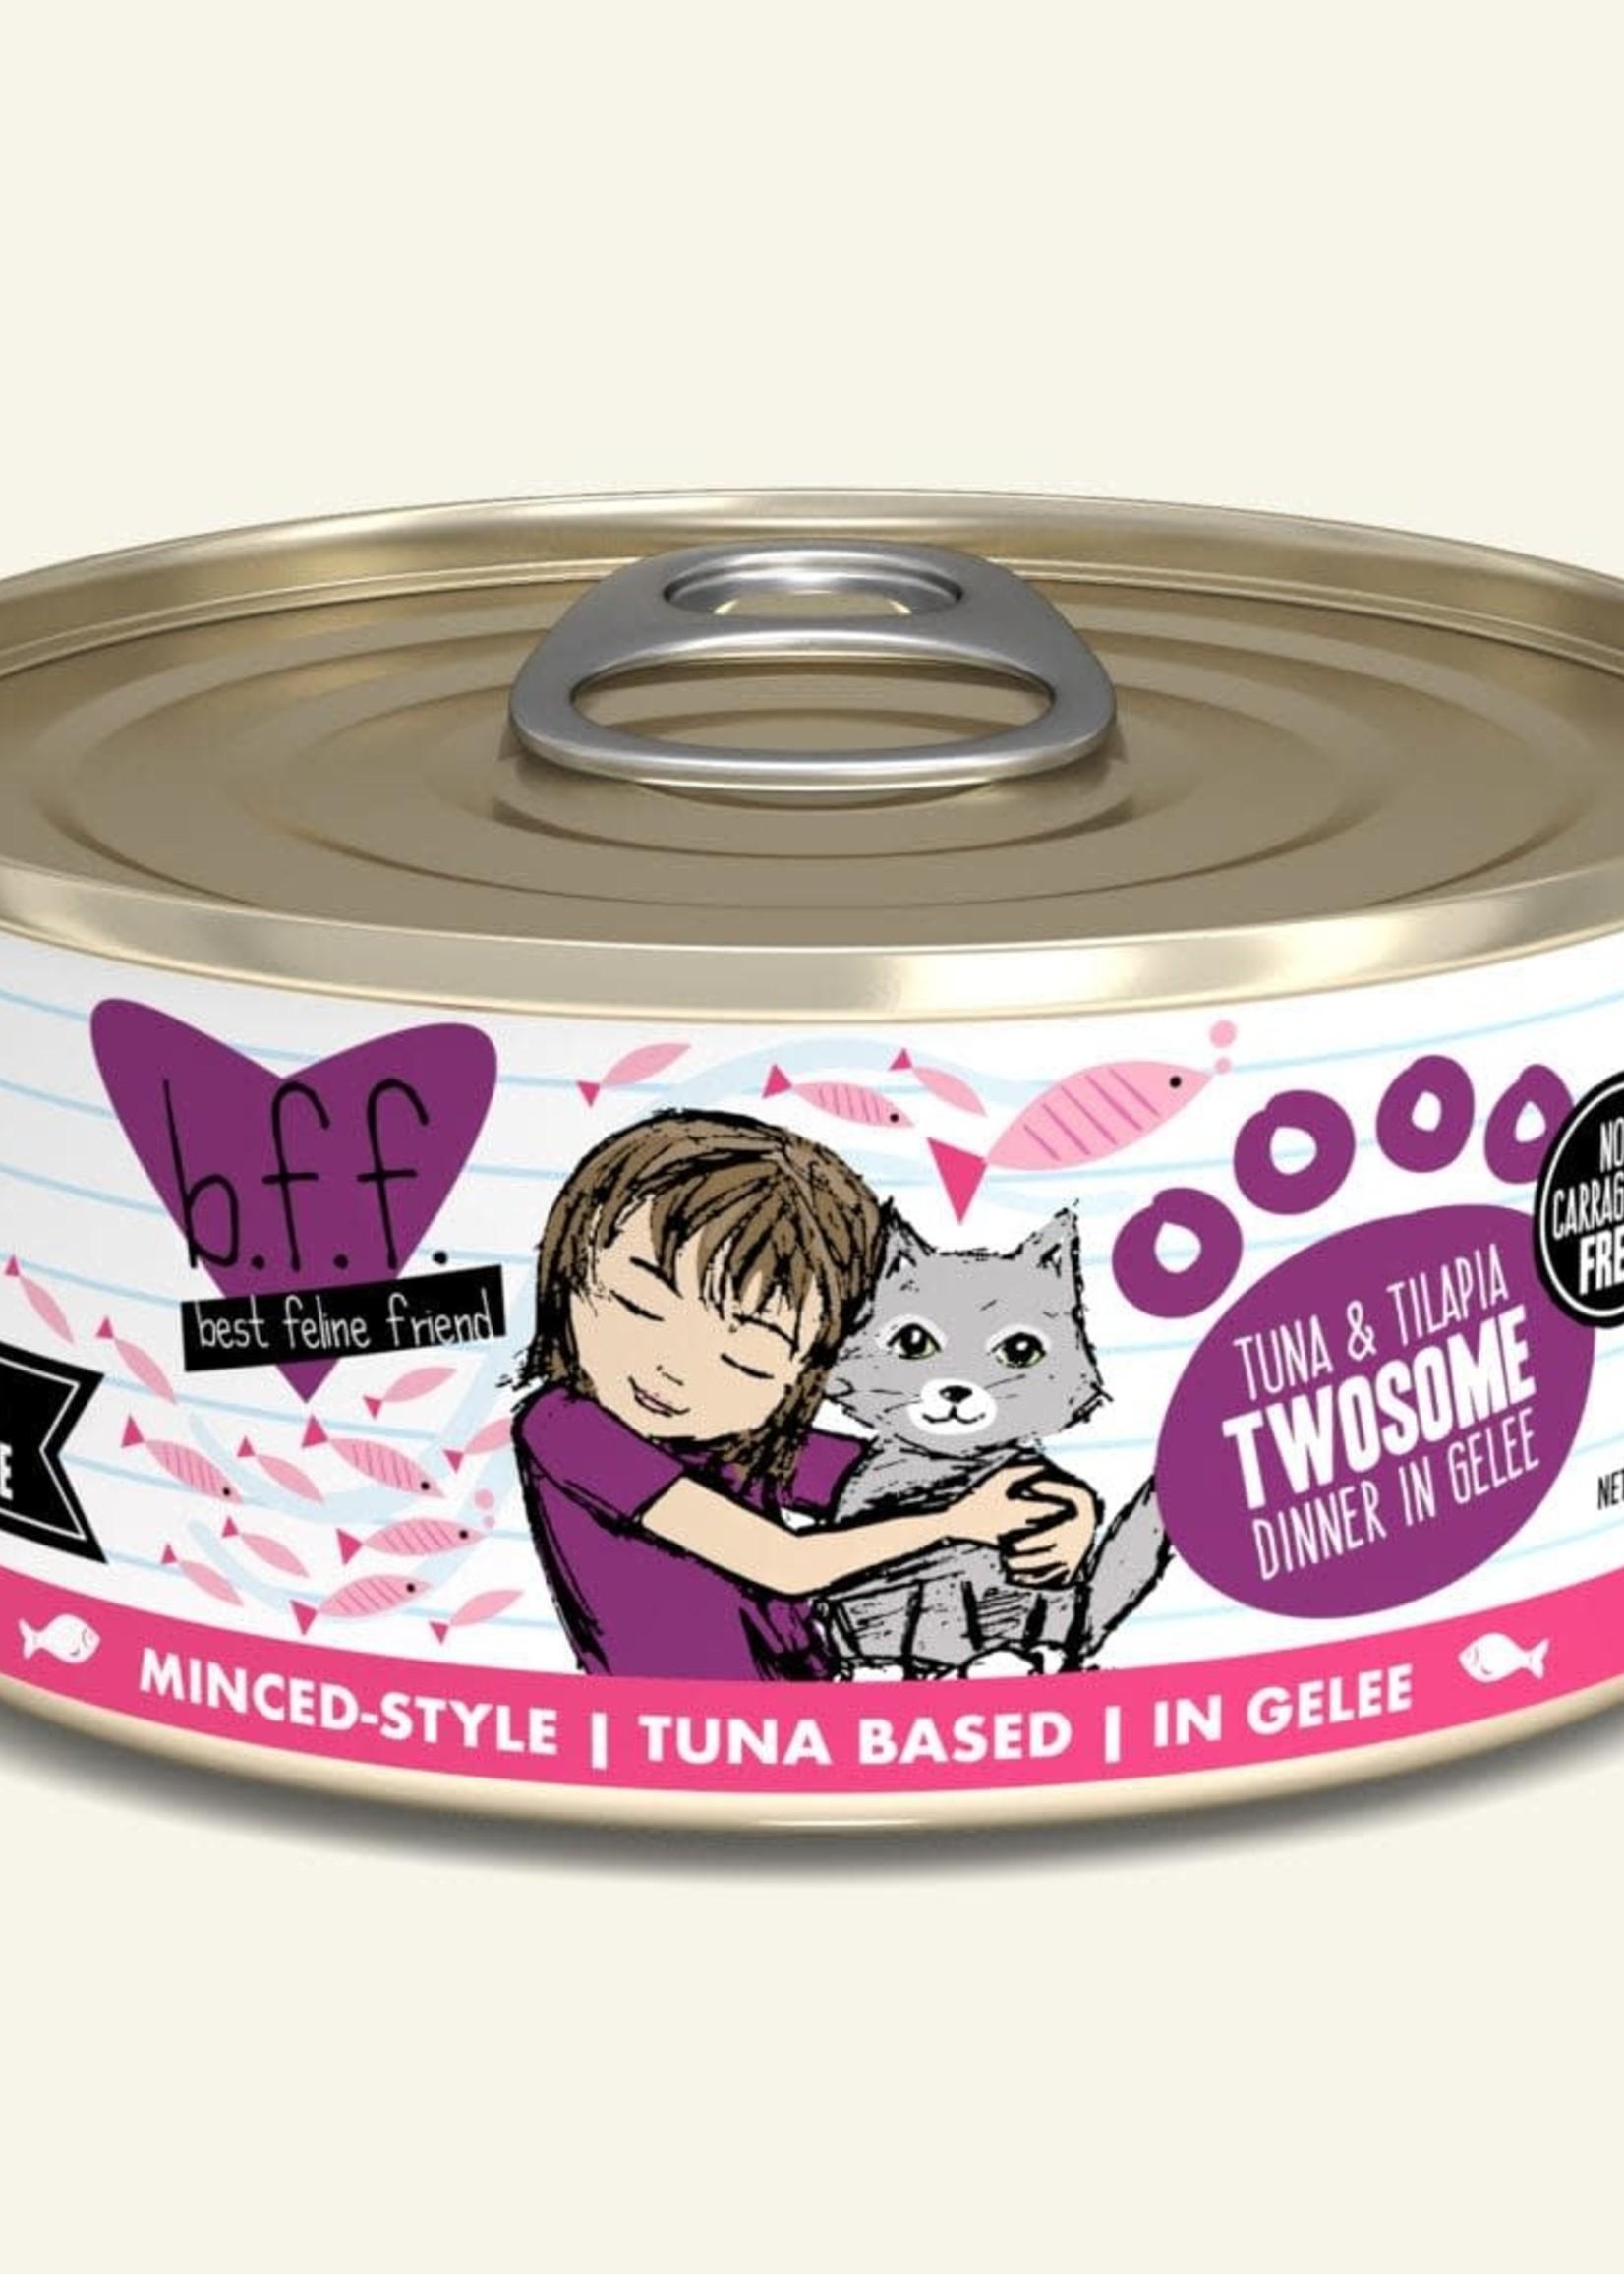 Weruva B.F.F. Tuna & Tilapia Twosome 5.5oz